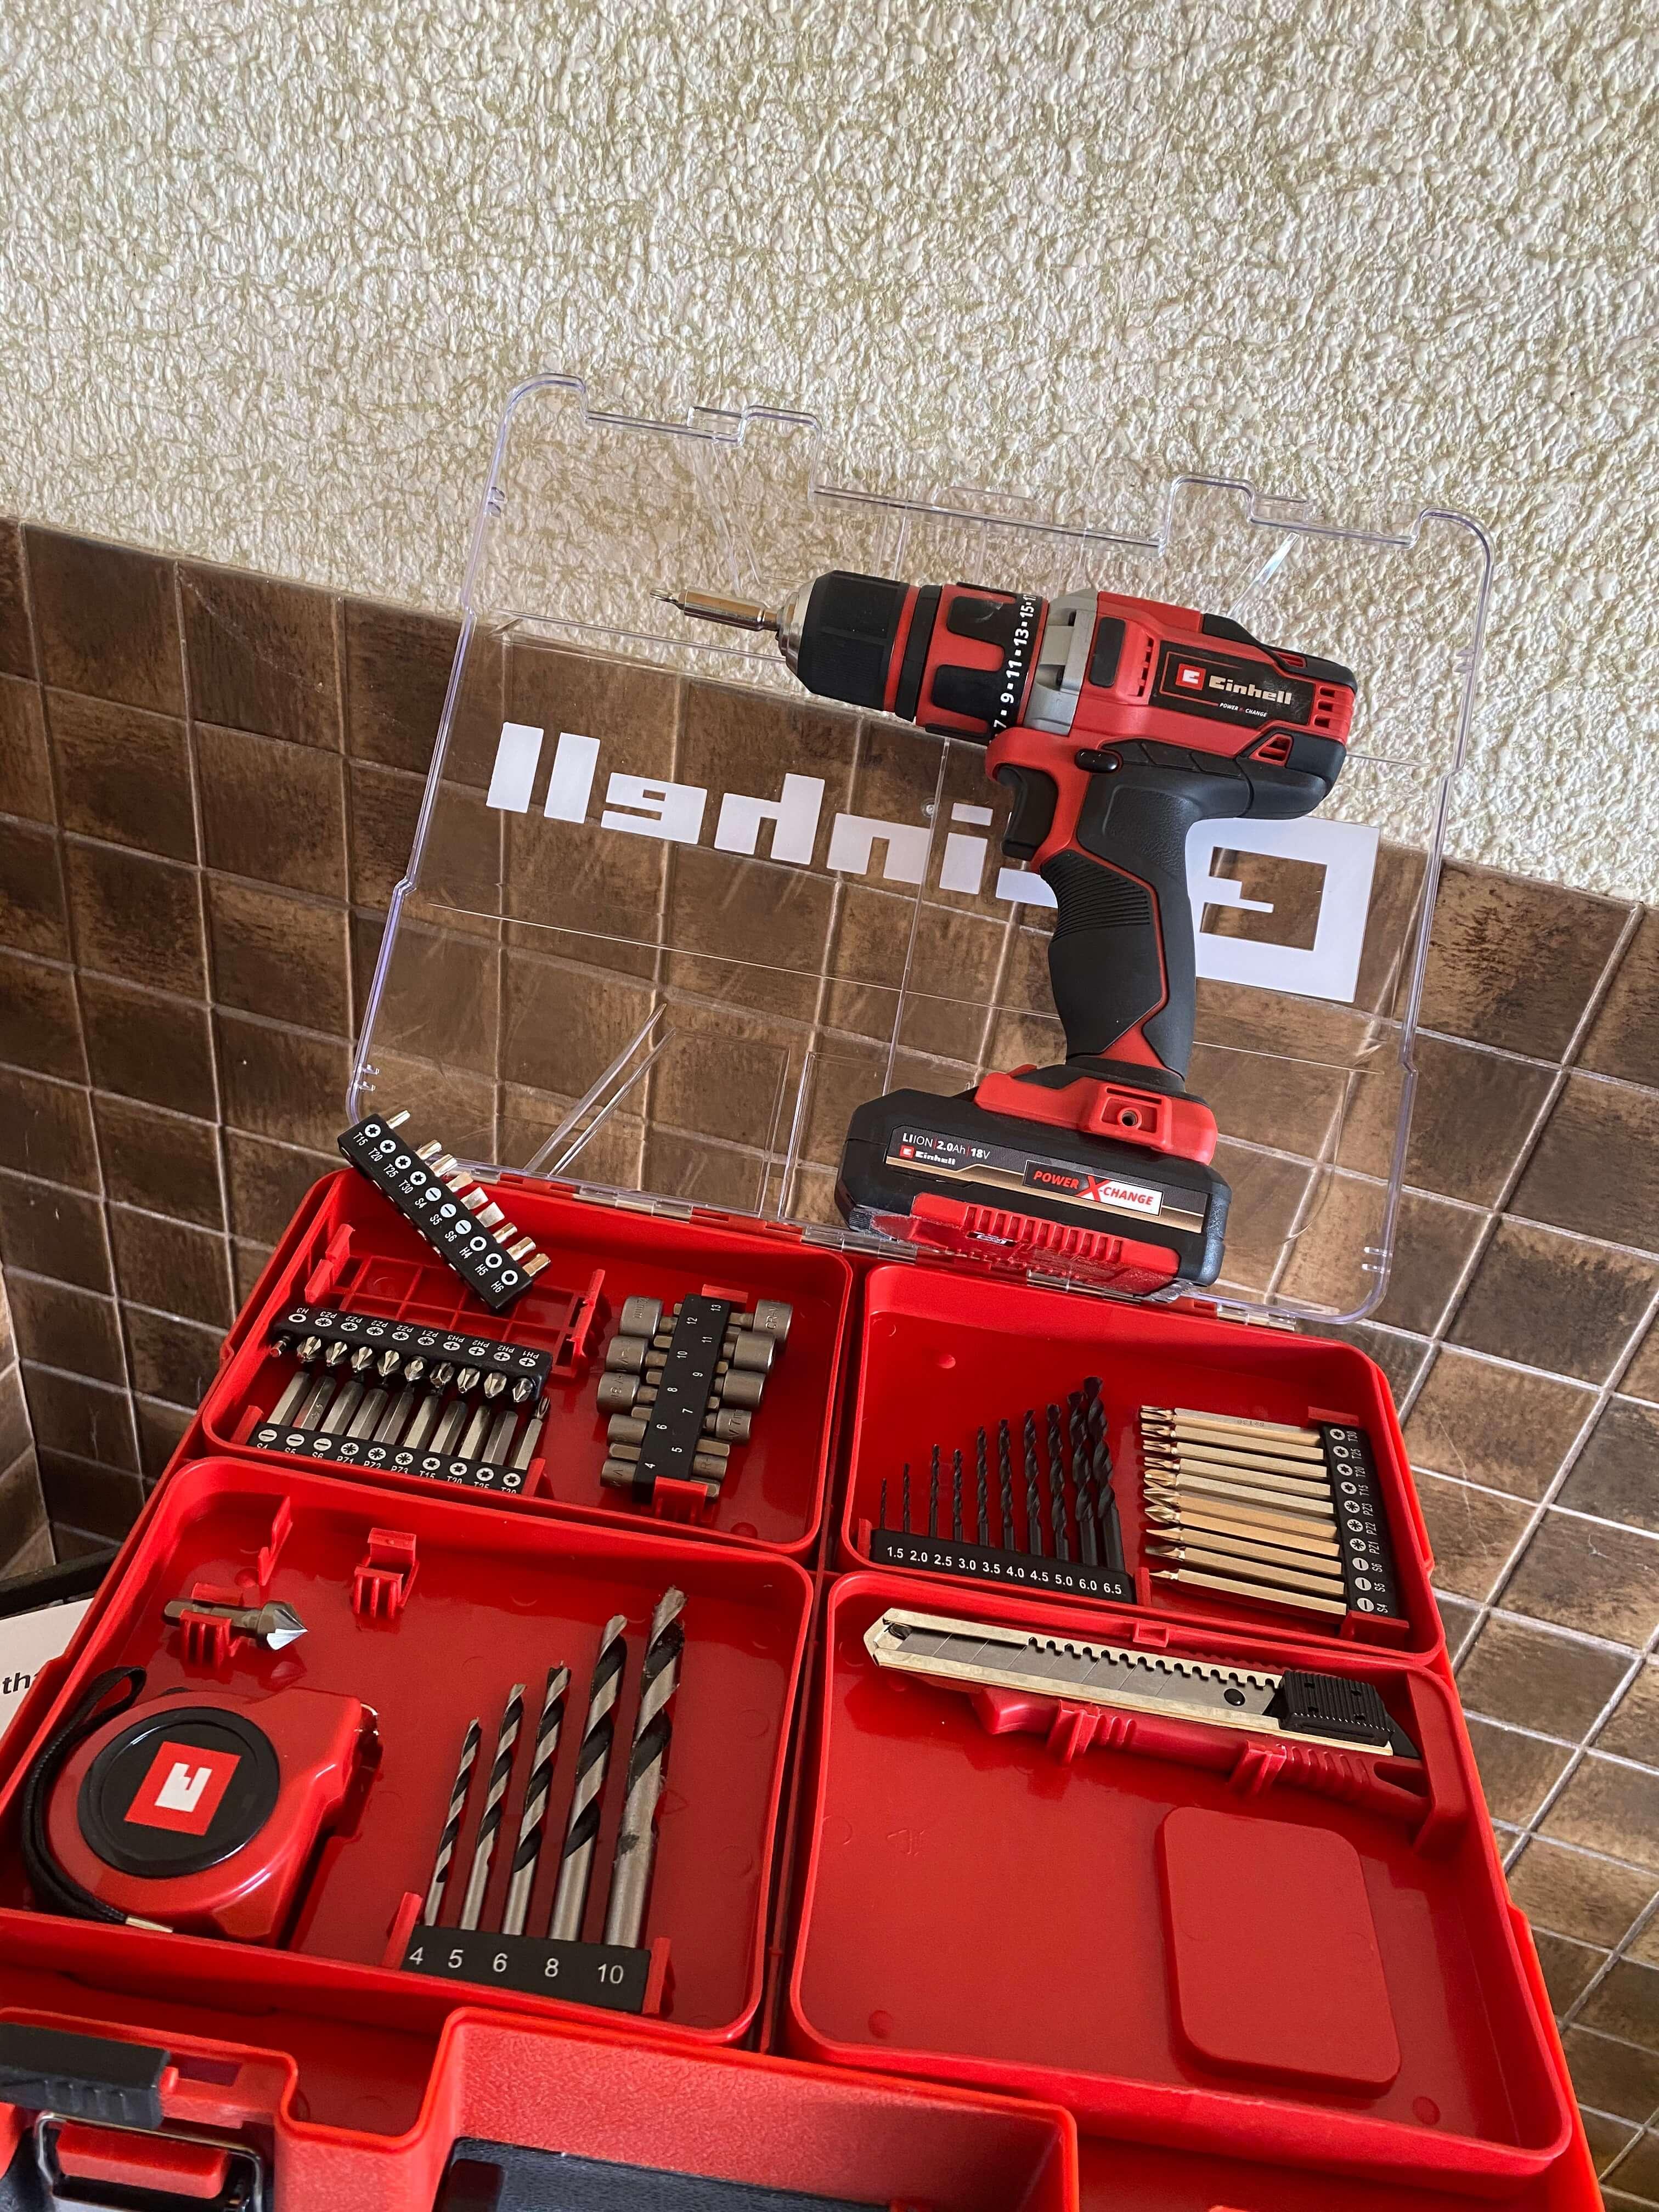 Einhell_Bohrschrauber_TE-CD_18-40-Lieferumfang Produkttest: Einhell Bohrschrauber-Set TE-CD 18/40